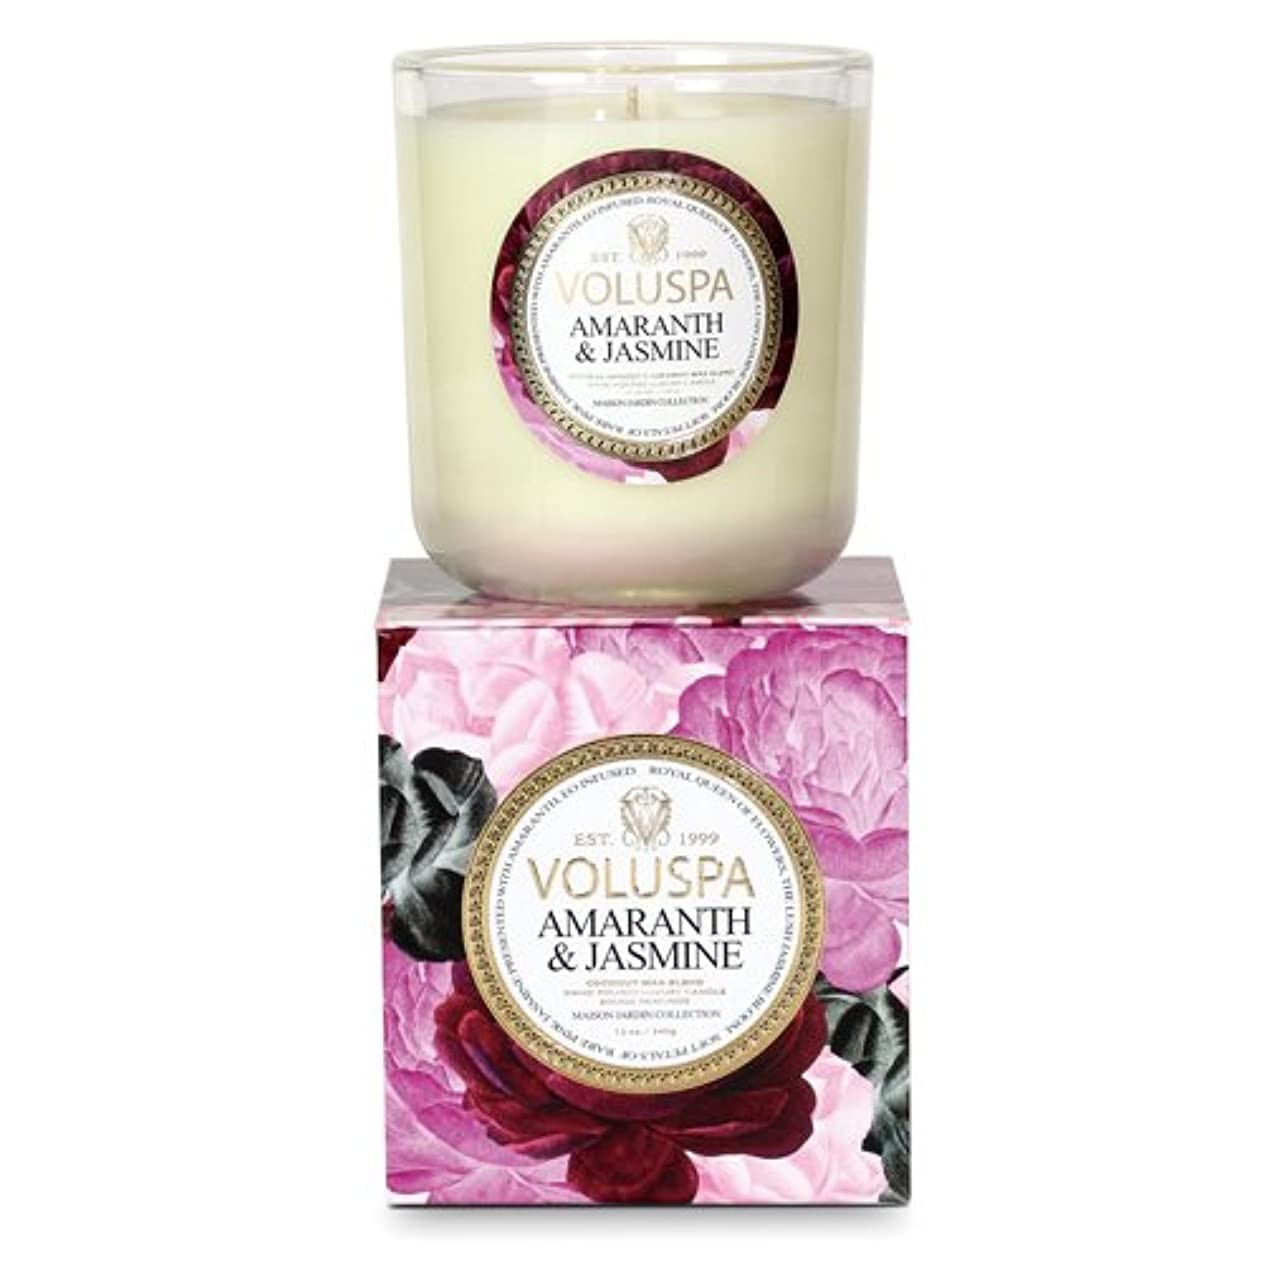 チラチラするスポンサー製油所Voluspa ボルスパ メゾンジャルダン ボックス入りグラスキャンドル アマランス&ジャスミン MAISON JARDIN Box Glass Candle AMARANTH & JASMINE